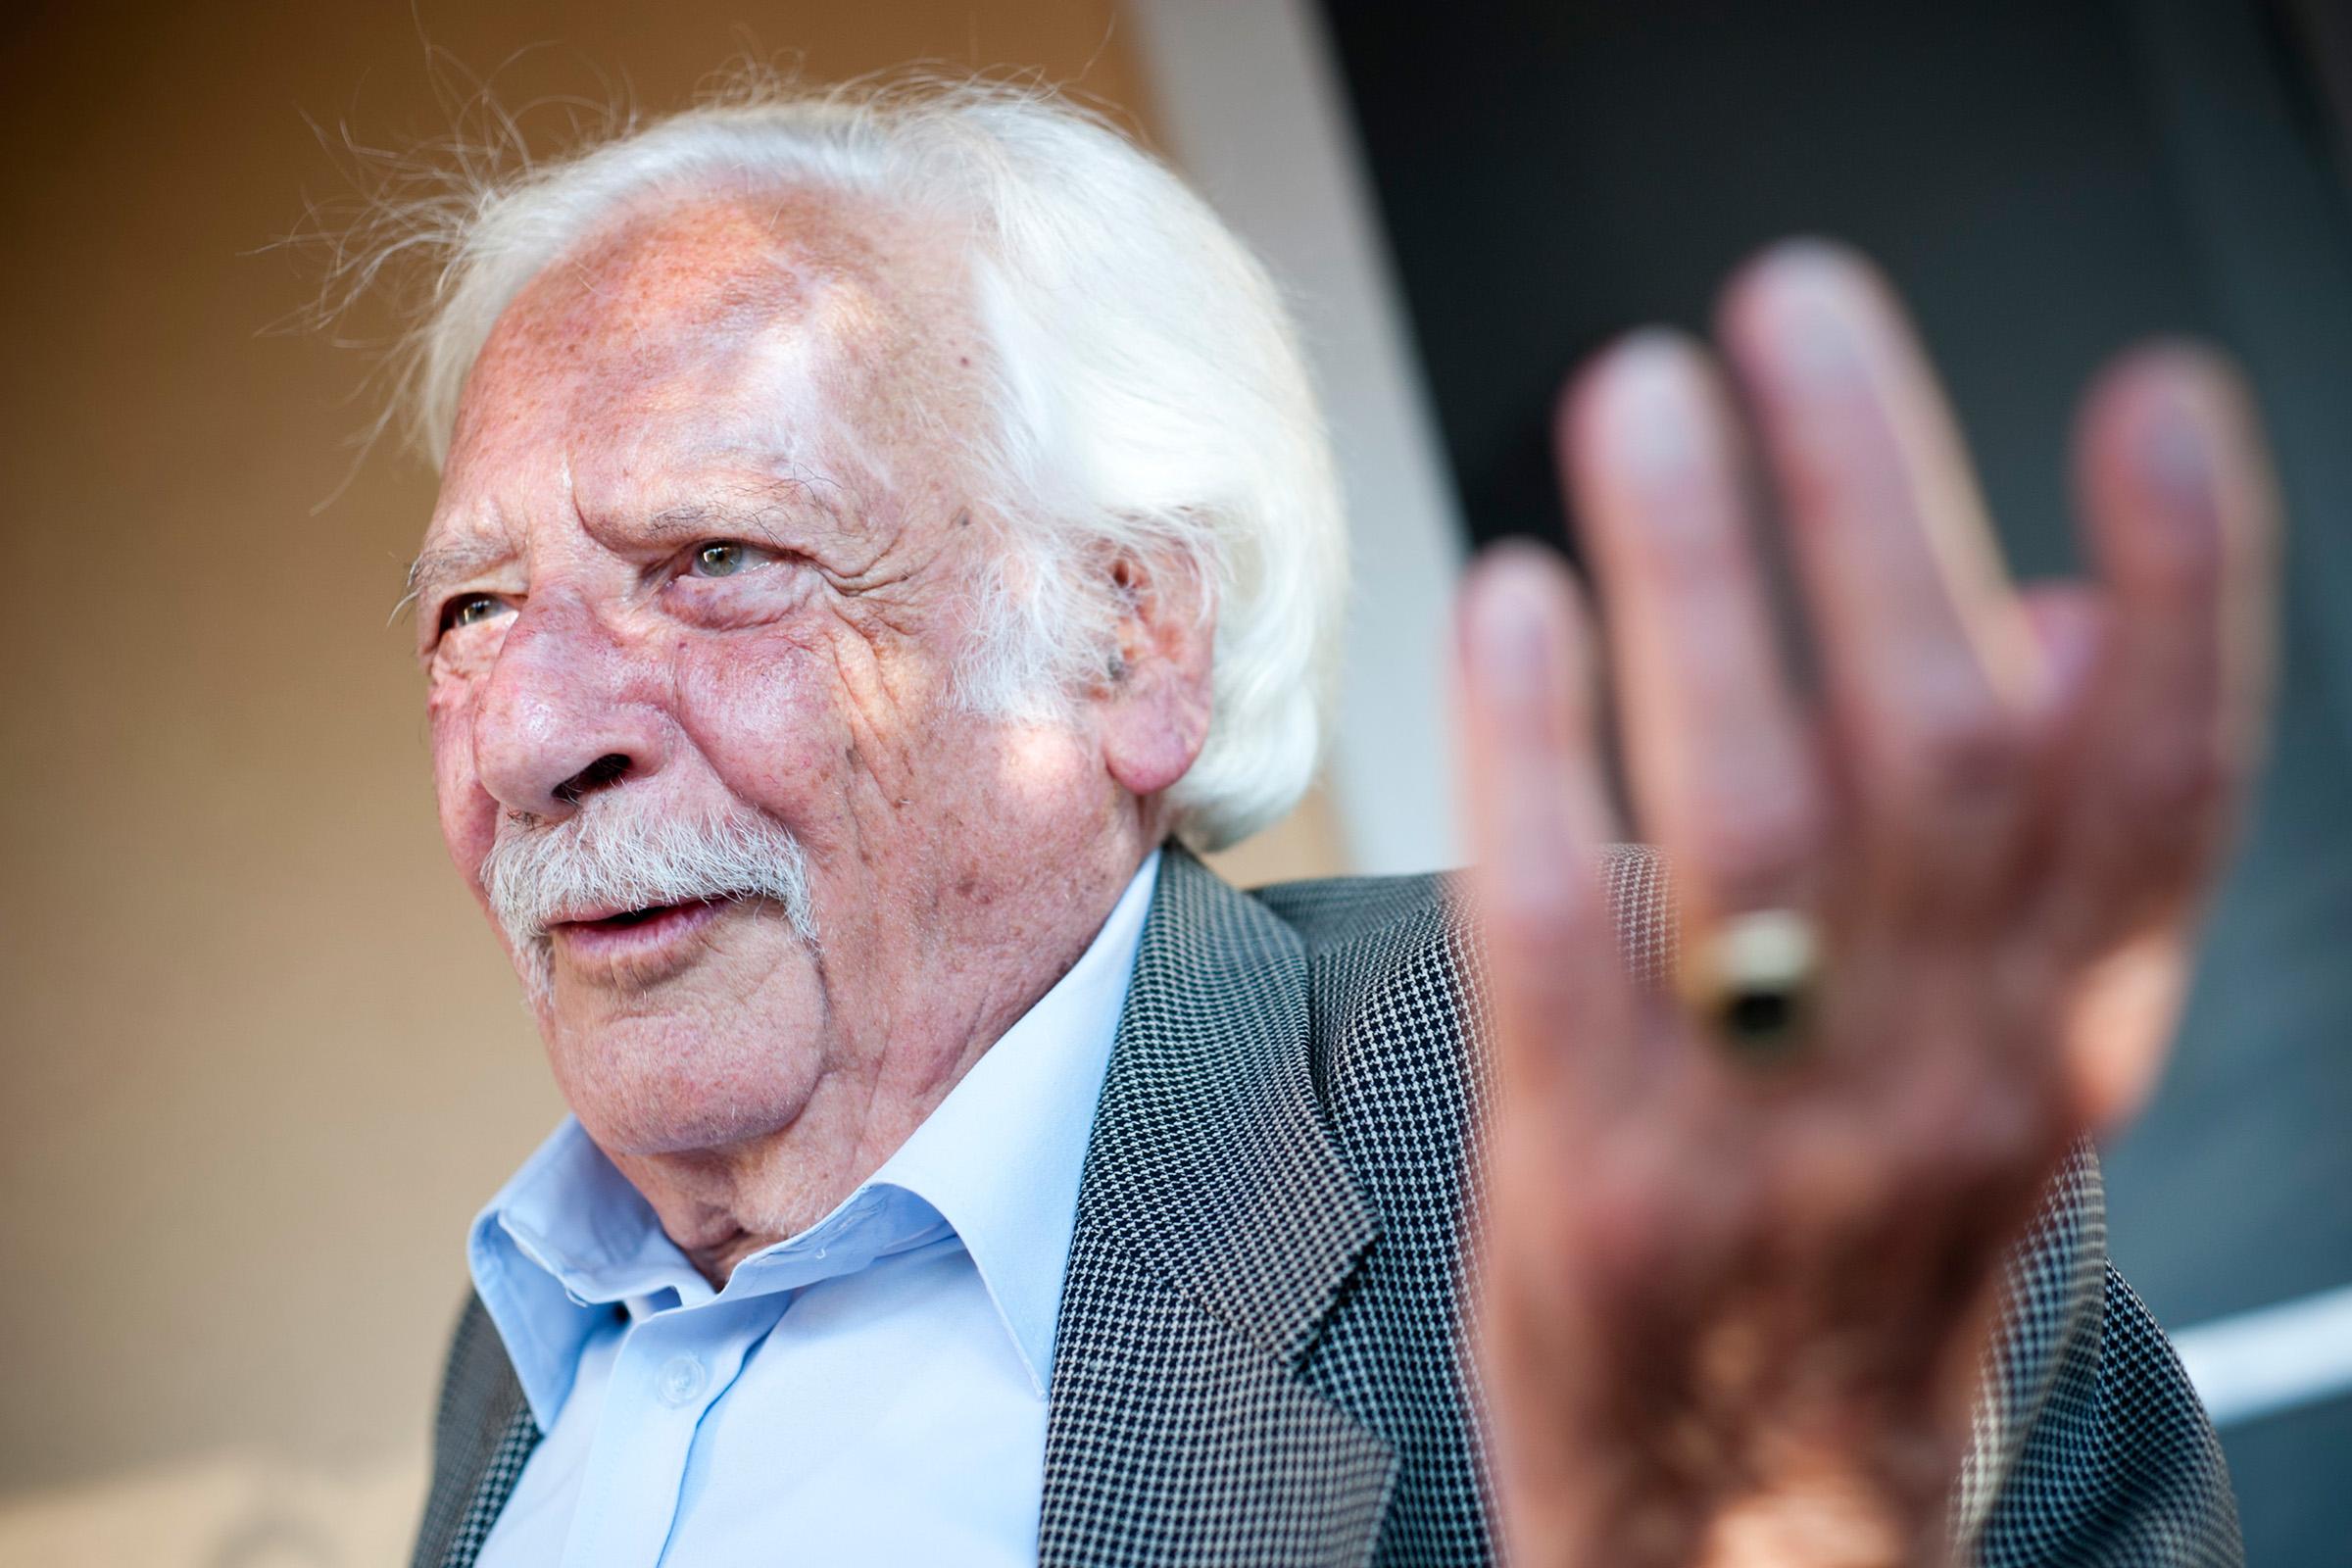 A ma 97 éves Bálint gazda még most is aktív